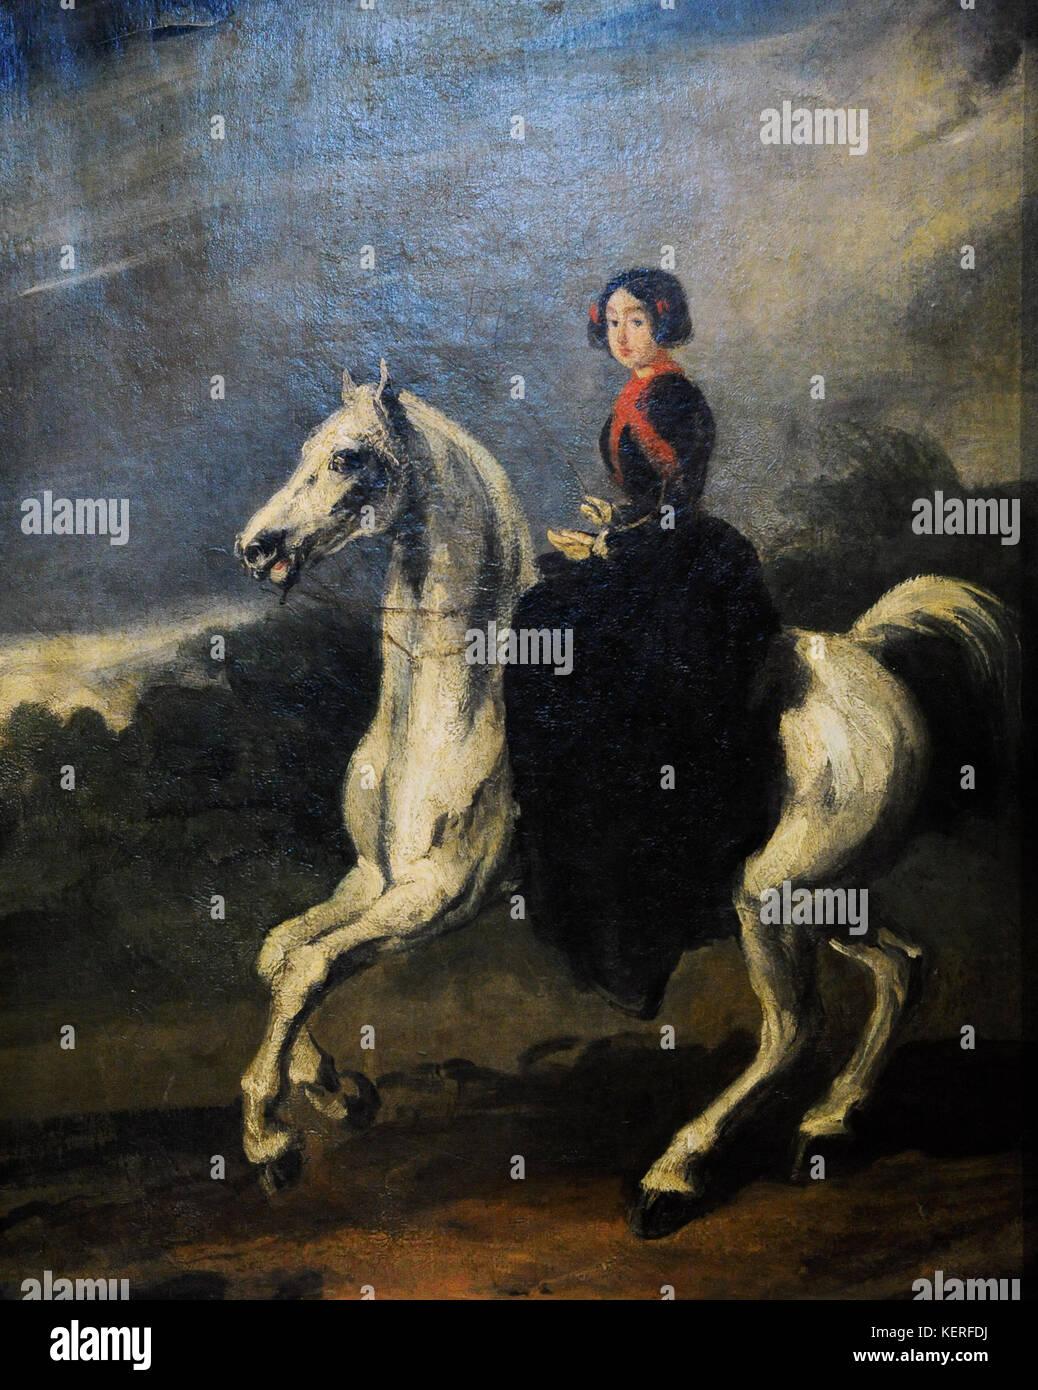 Piotr Michalowski (1800-1855). Polish painter. Amazon, 1853-1855. Silesian Museum. Katowice. Poland. - Stock Image